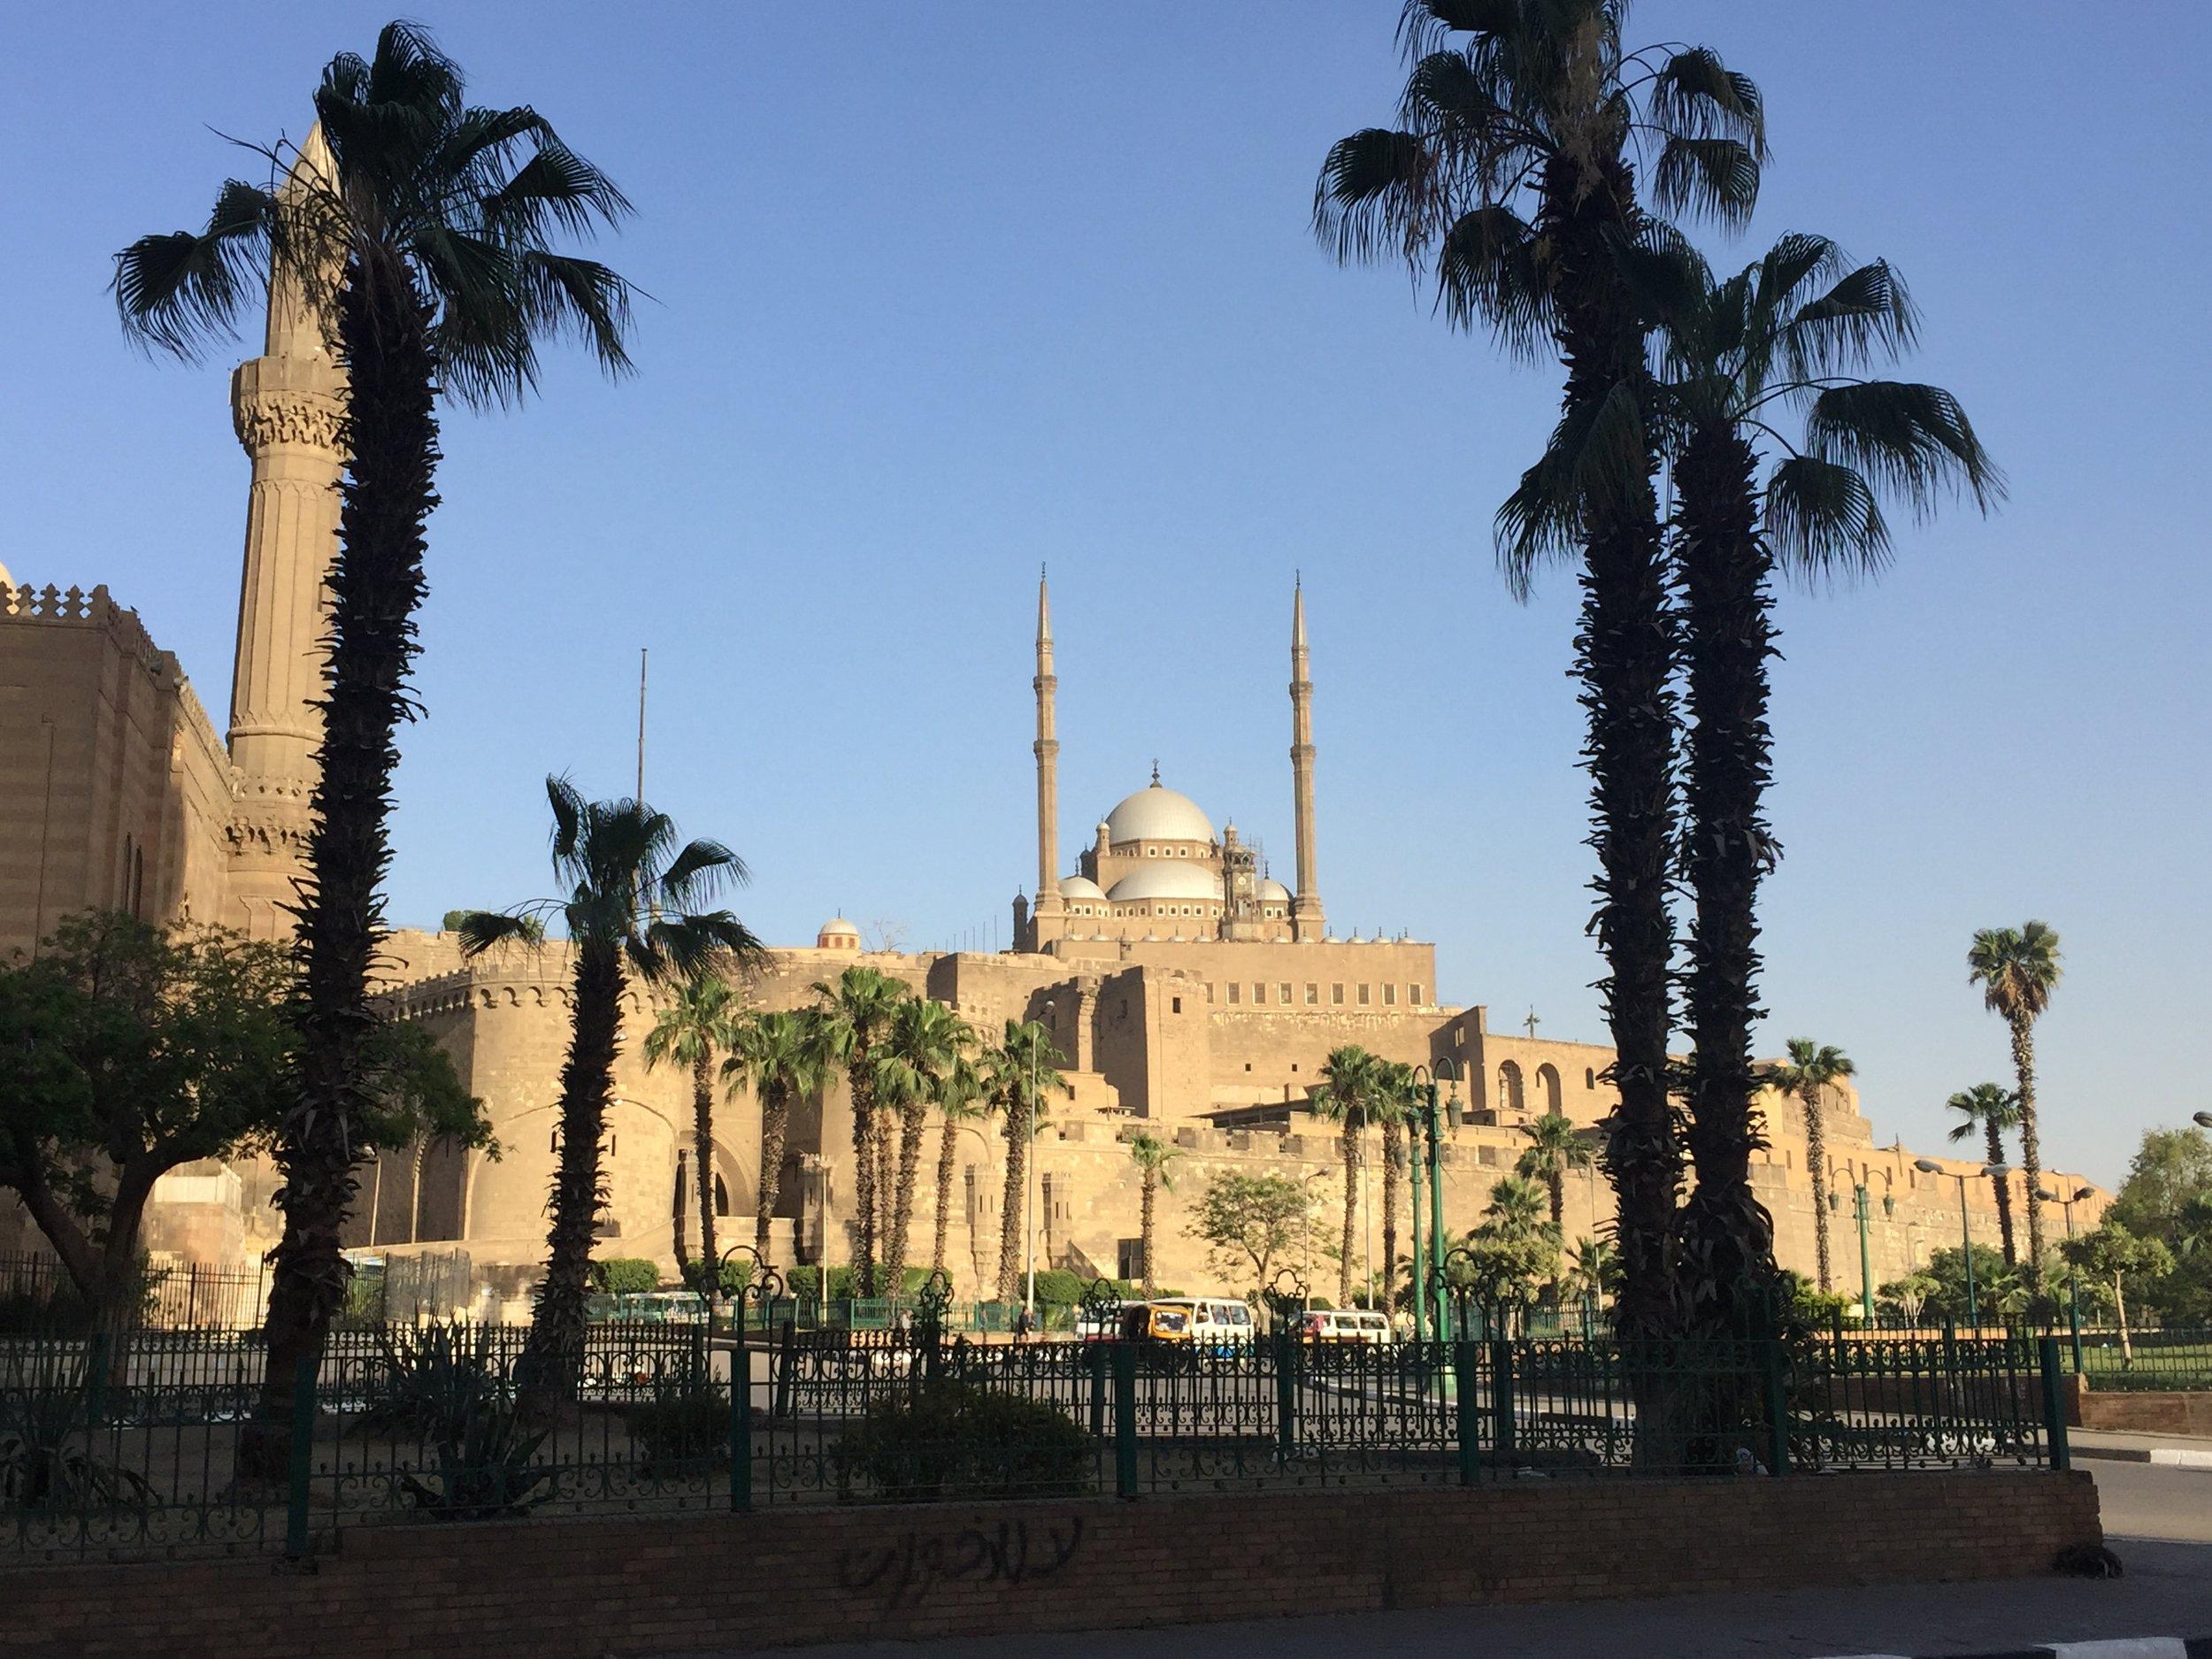 The citadel seen from the Al-Rifa'i Mosque.